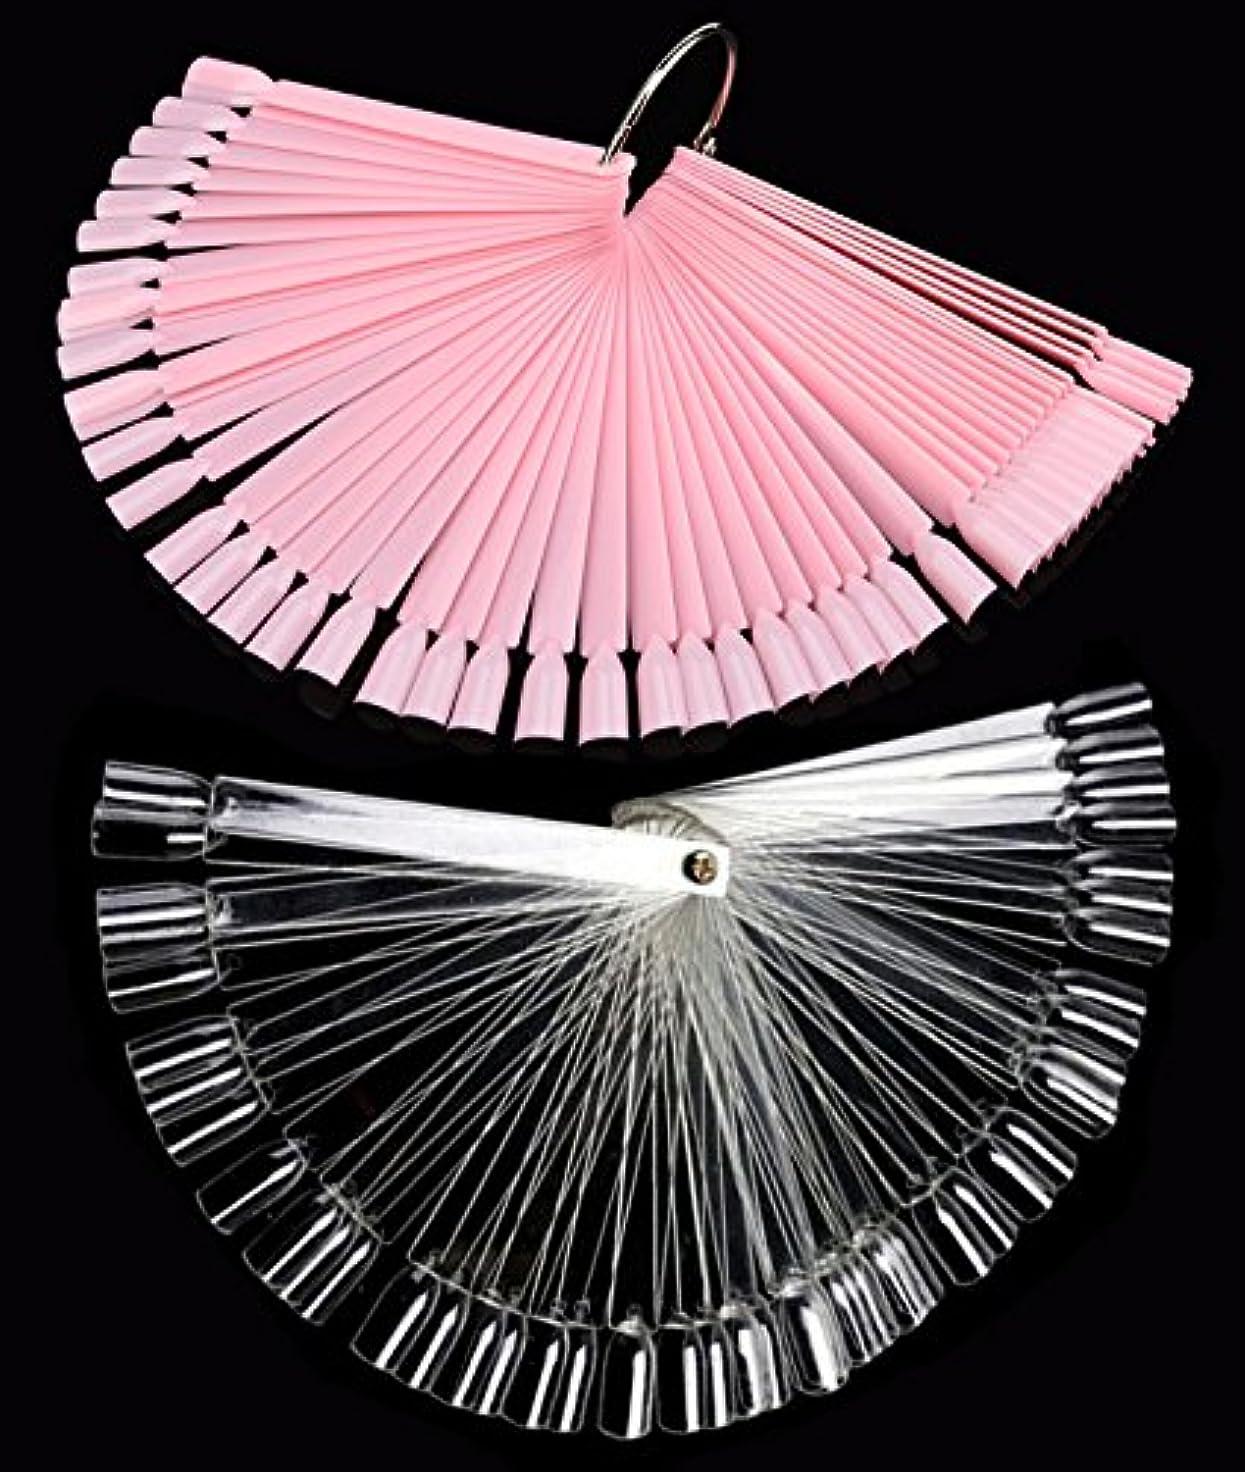 クレデンシャルミシン目見捨てるネイル カラーチャート 100枚 折り畳み式 プロ専用 新人練習用 ネイル カラーチャート